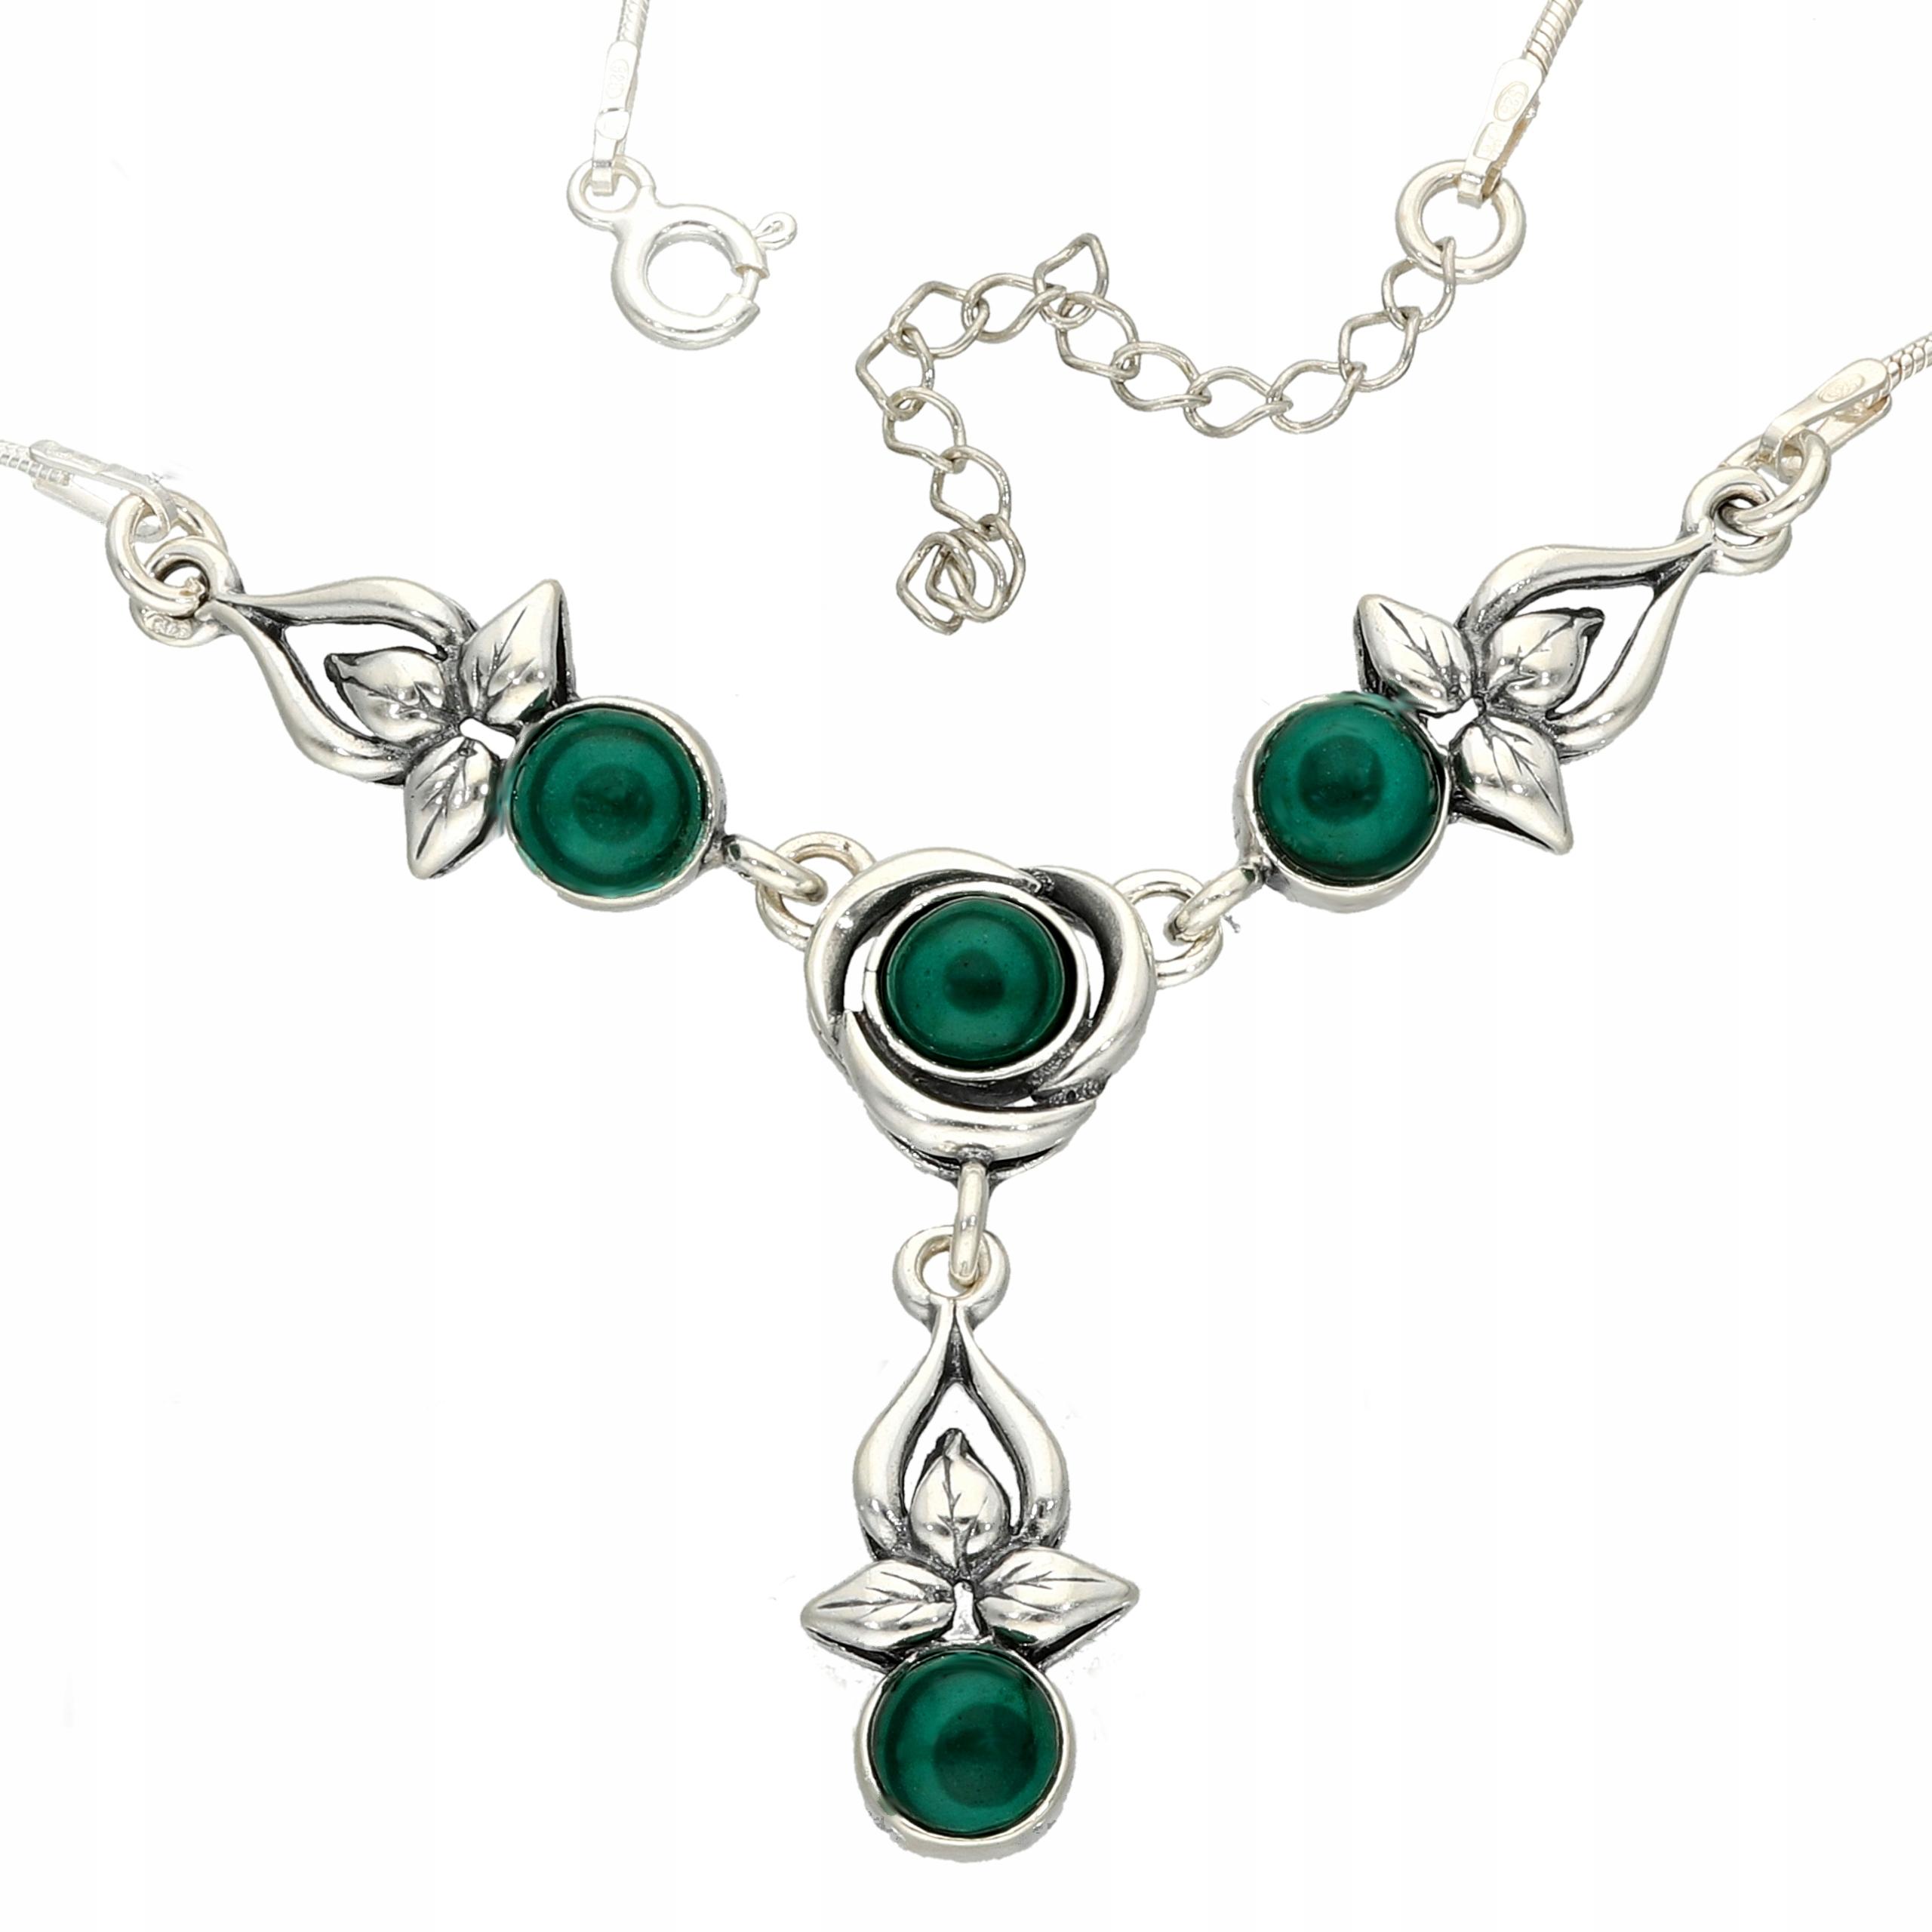 NÁHRDELNÍK STRIEBORNÝ s malachitem Ďatelina náhrdelník